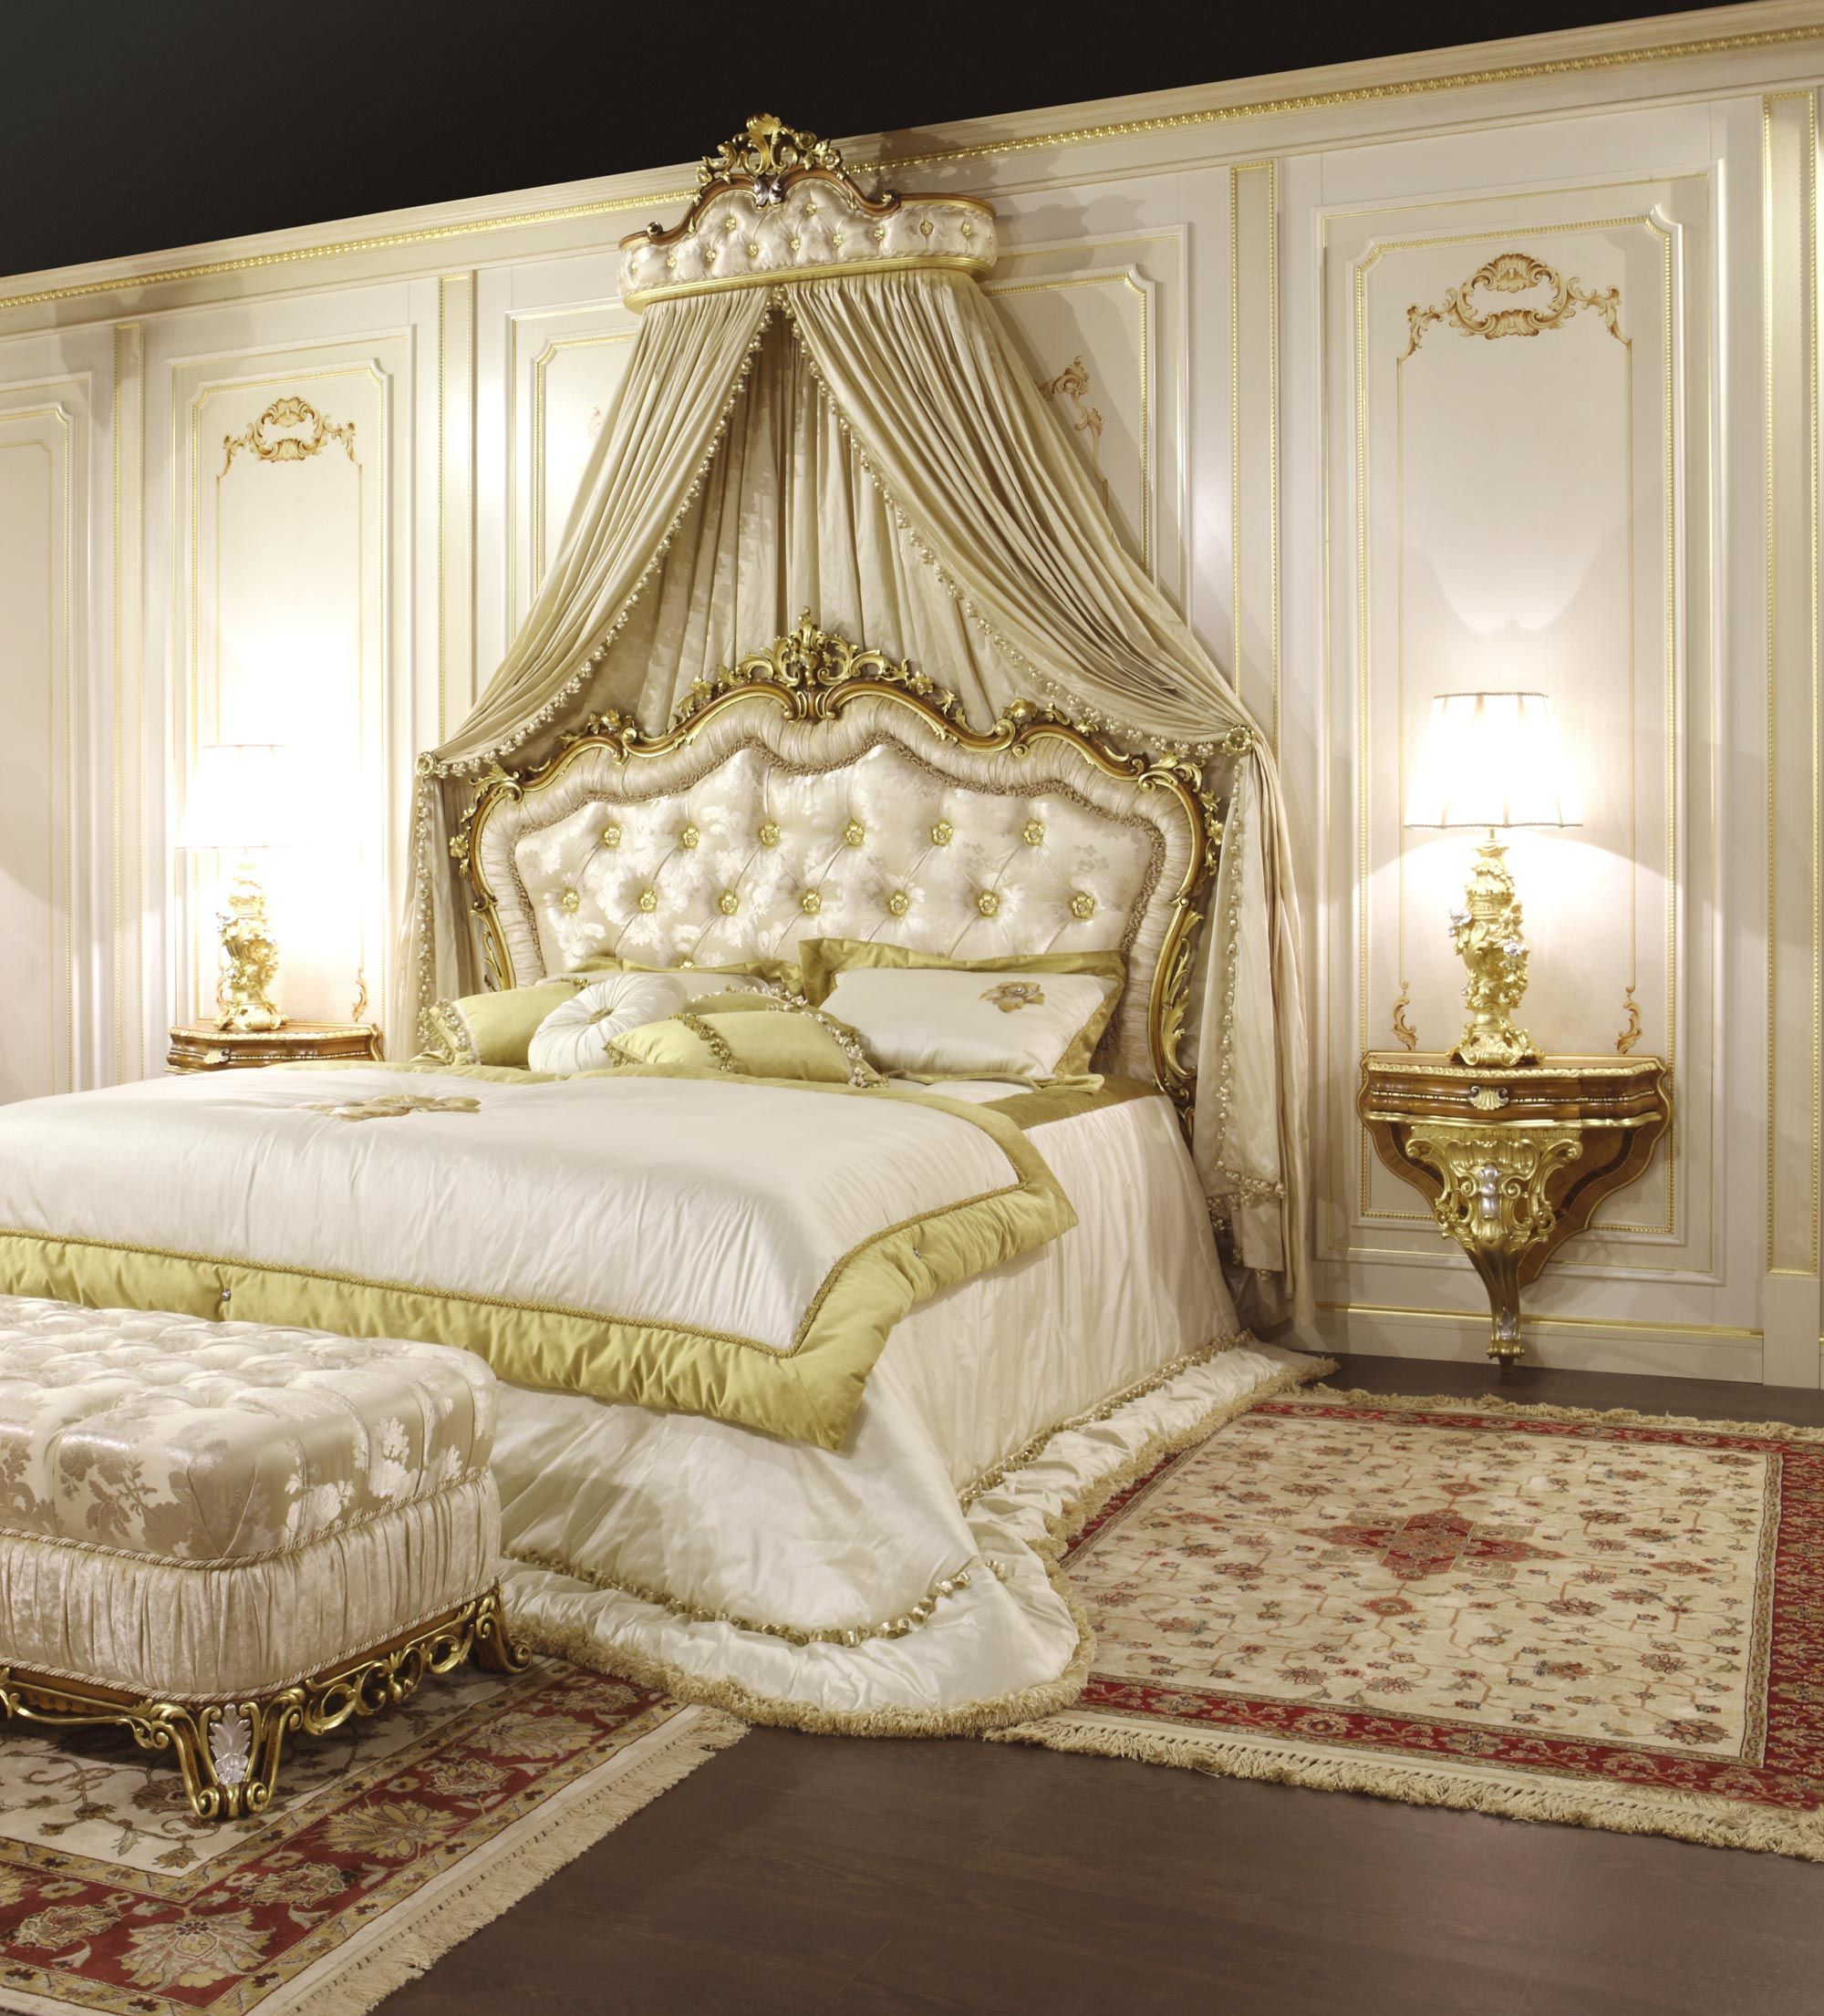 Baroque classic bed art 2013 vimercati classic furniture for Magri arreda camere da letto